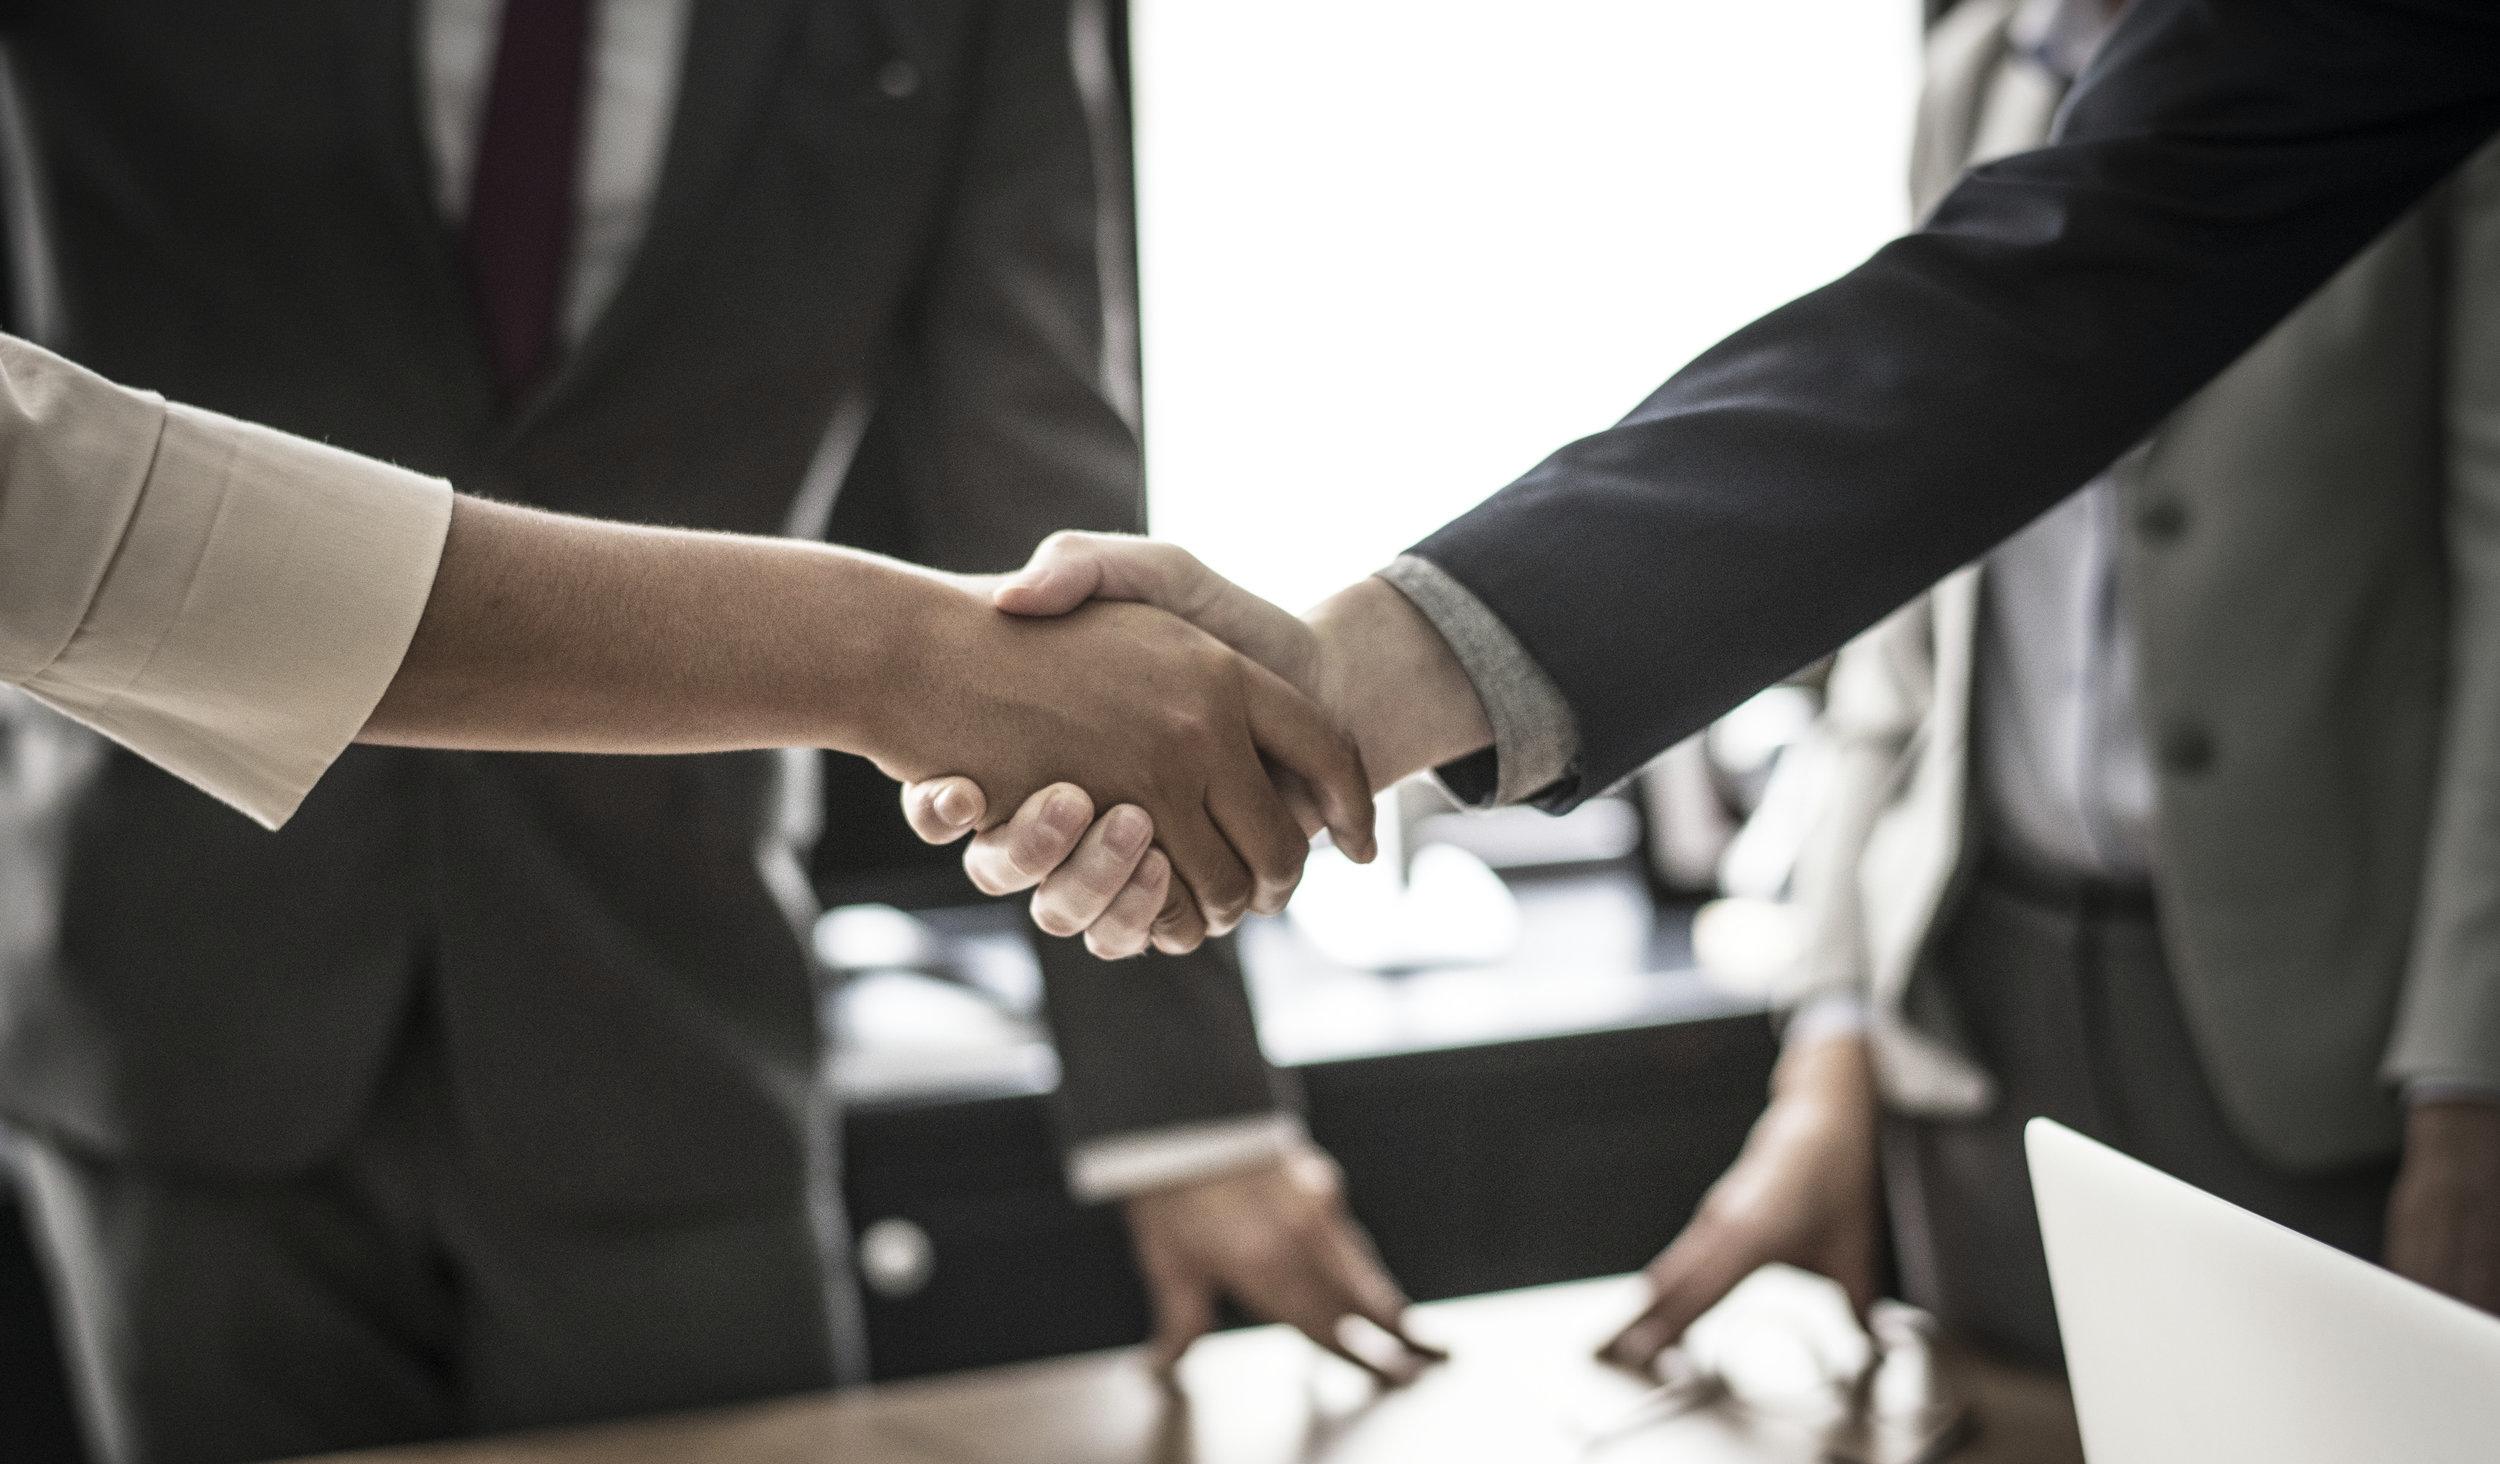 Virksomheds- og samarbejdsformer (læger og tandlæger) - I denne oversigt giver vi et overblik over udvalgte hovedtræk ved ofte anvendte selskabs-, virksomheds- og samarbejdsformer for praktiserende læger og tandlæger.